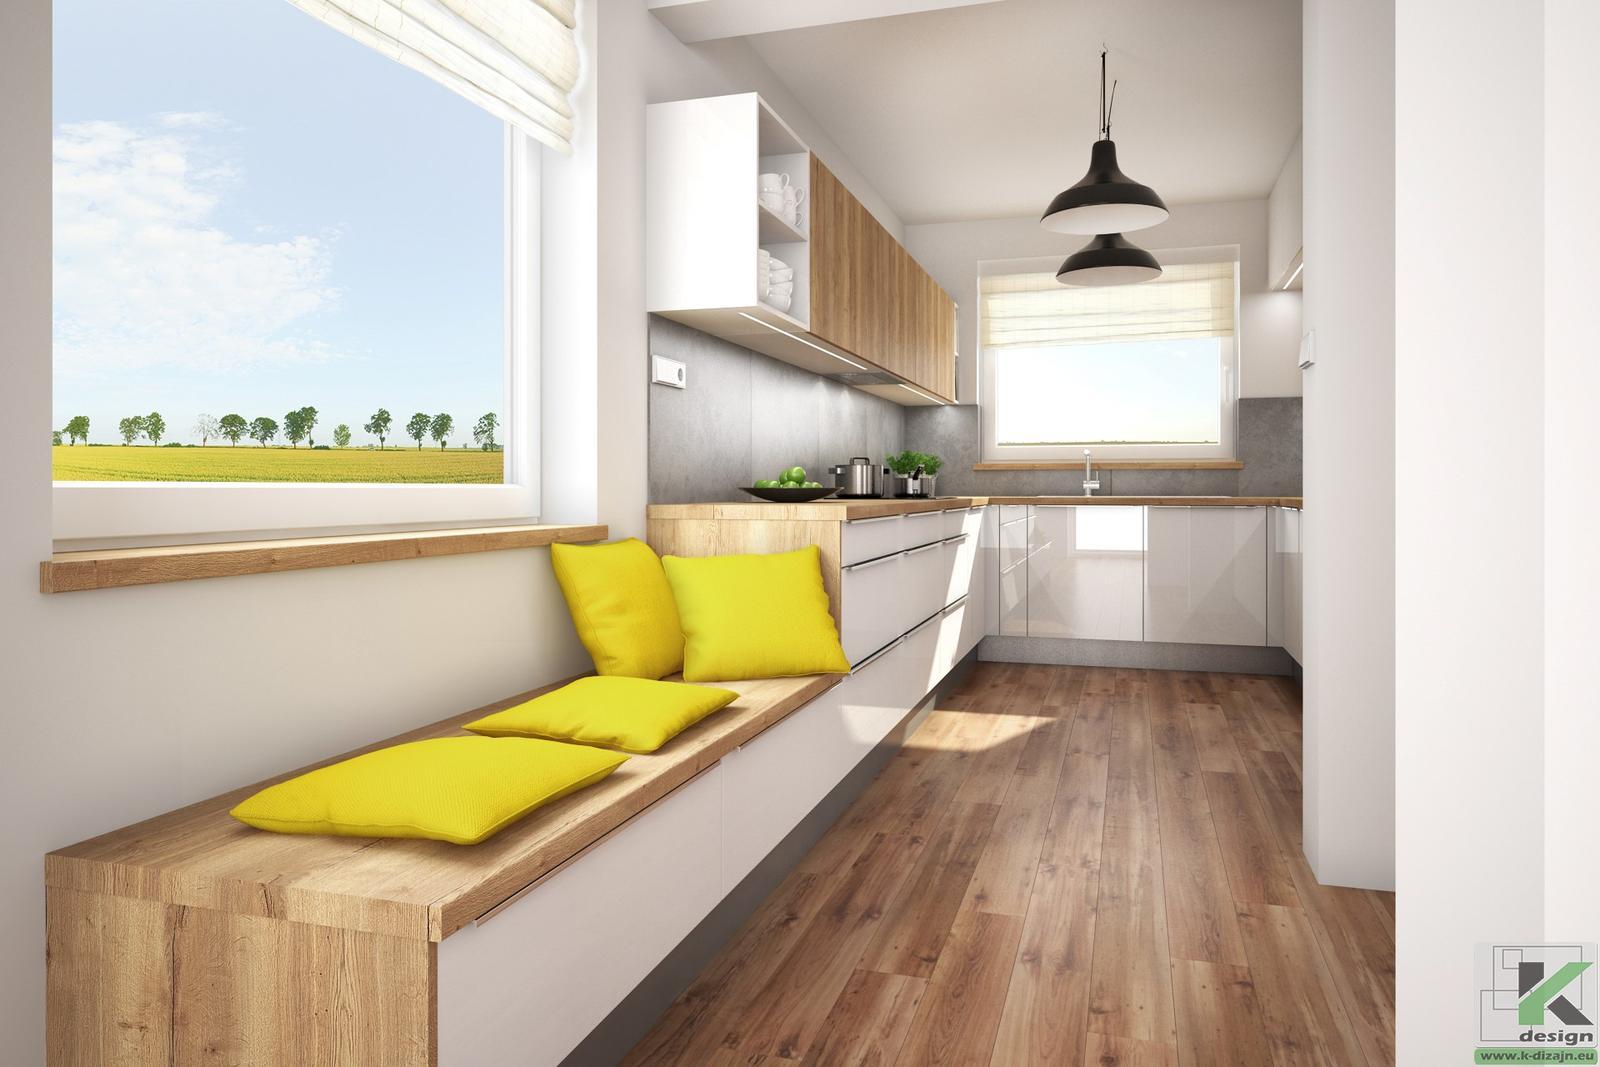 Vizualizácie kuchyne so sedením - Obrázok č. 1